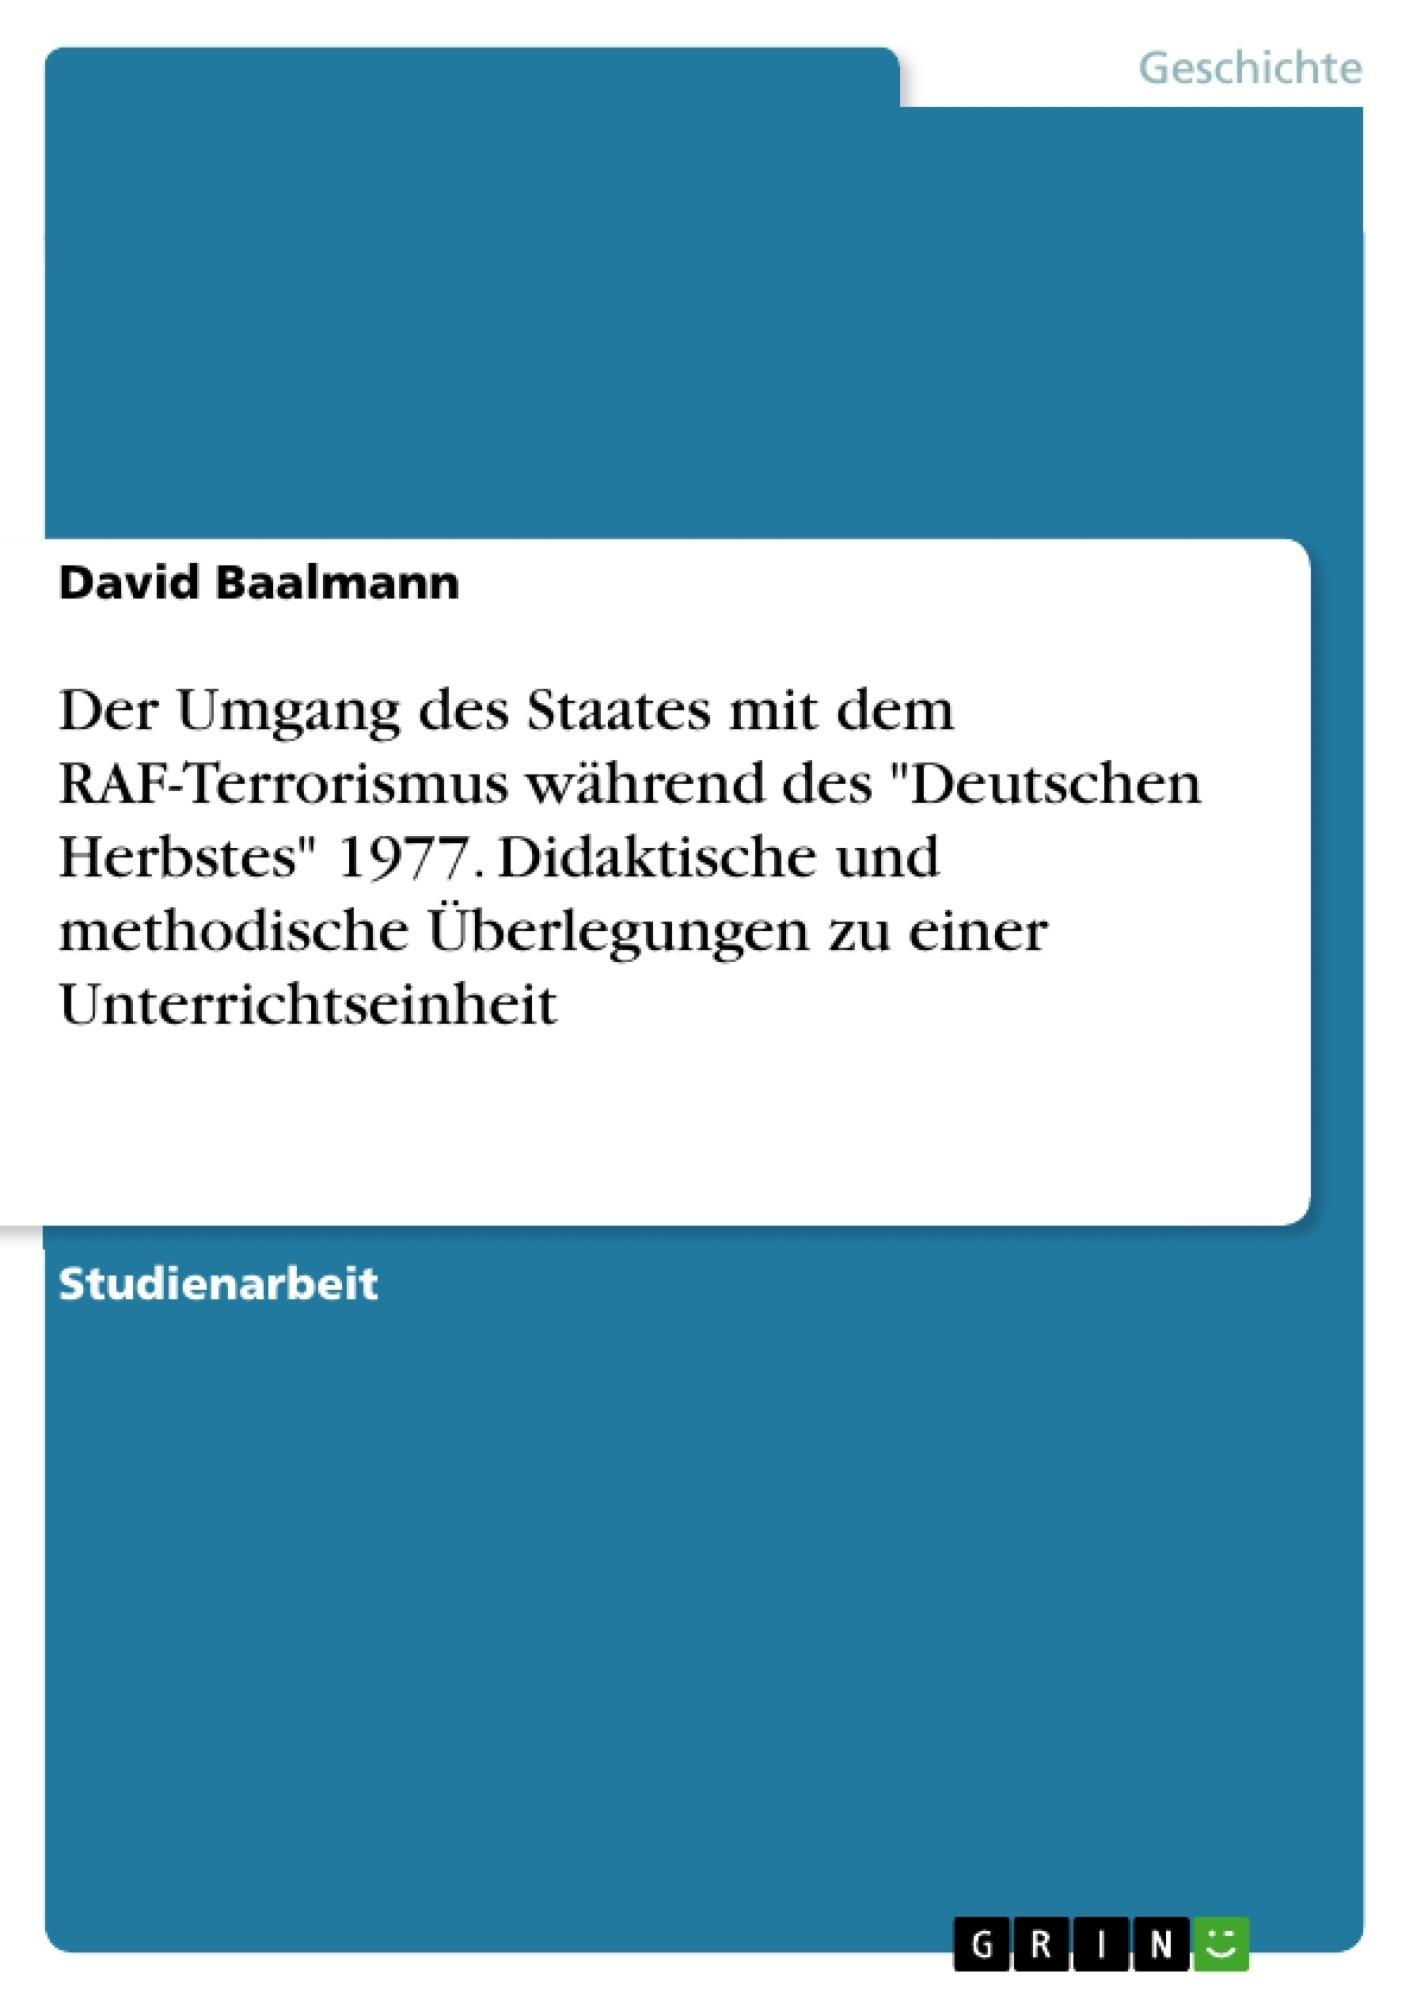 """Titel: Der Umgang des Staates mit dem RAF-Terrorismus während des """"Deutschen Herbstes"""" 1977. Didaktische und methodische Überlegungen zu einer Unterrichtseinheit"""